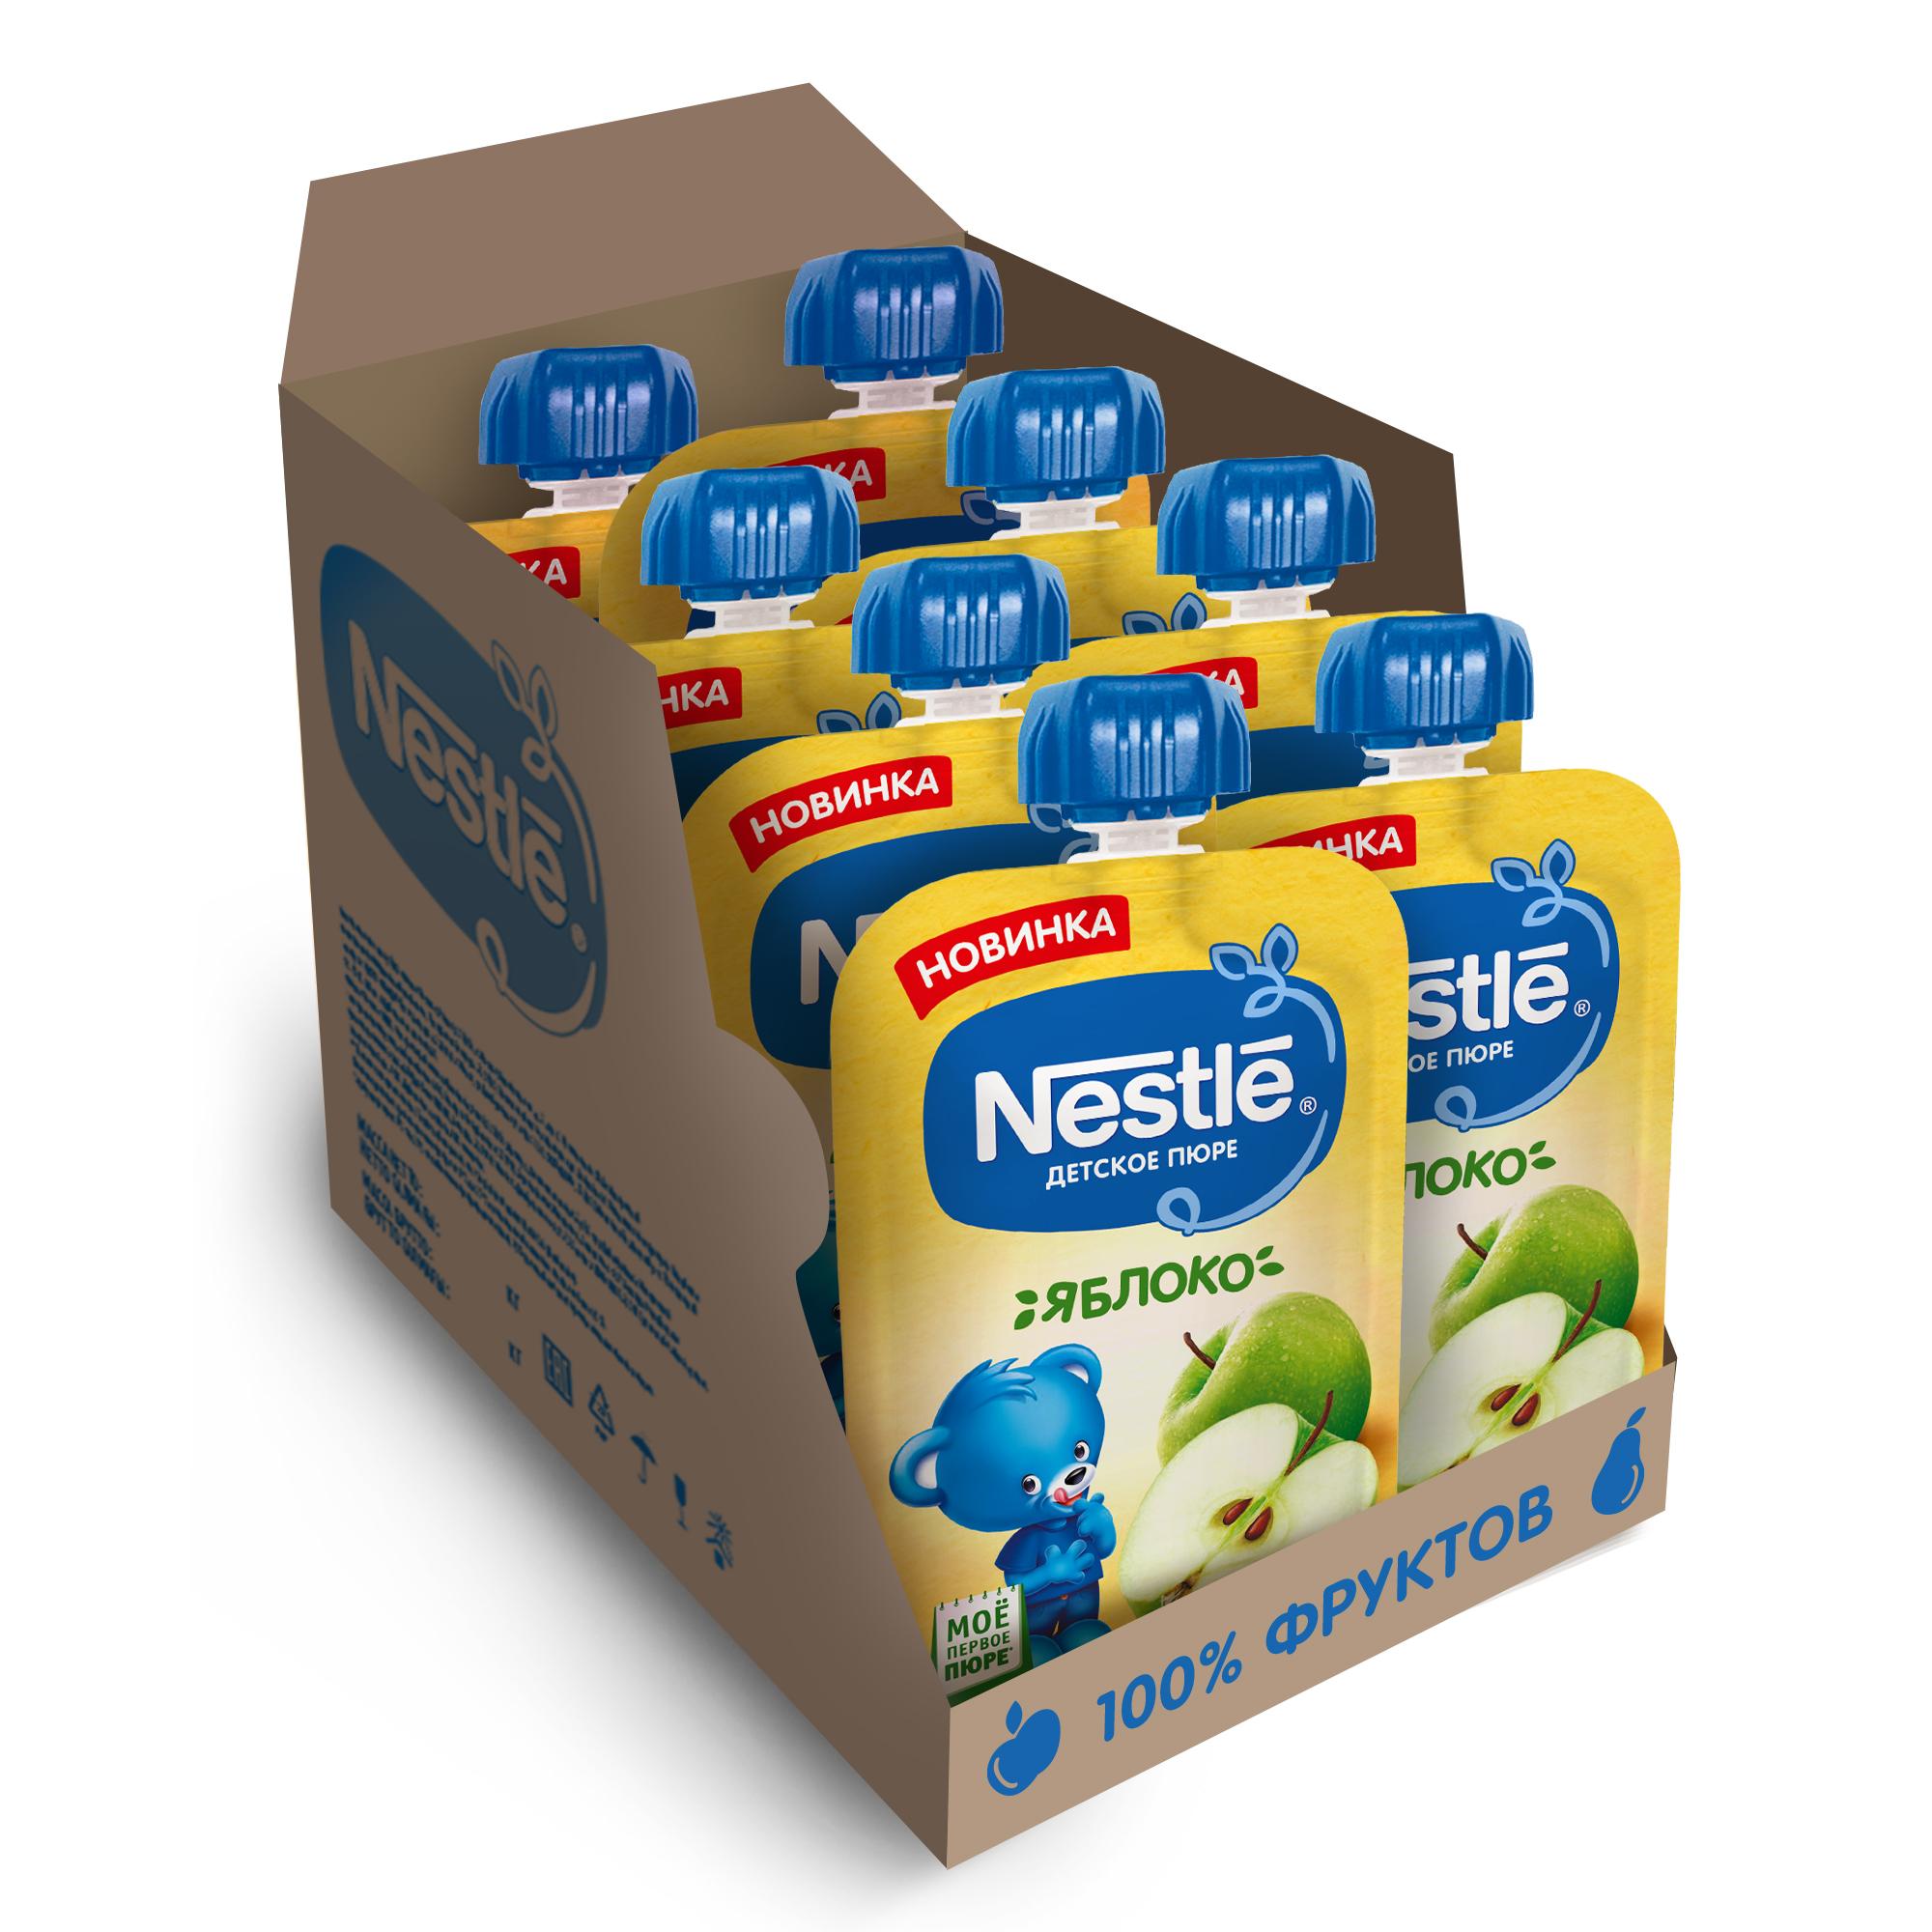 Пюре фруктовое Nestlе Яблоко, 8 штук по 90 г